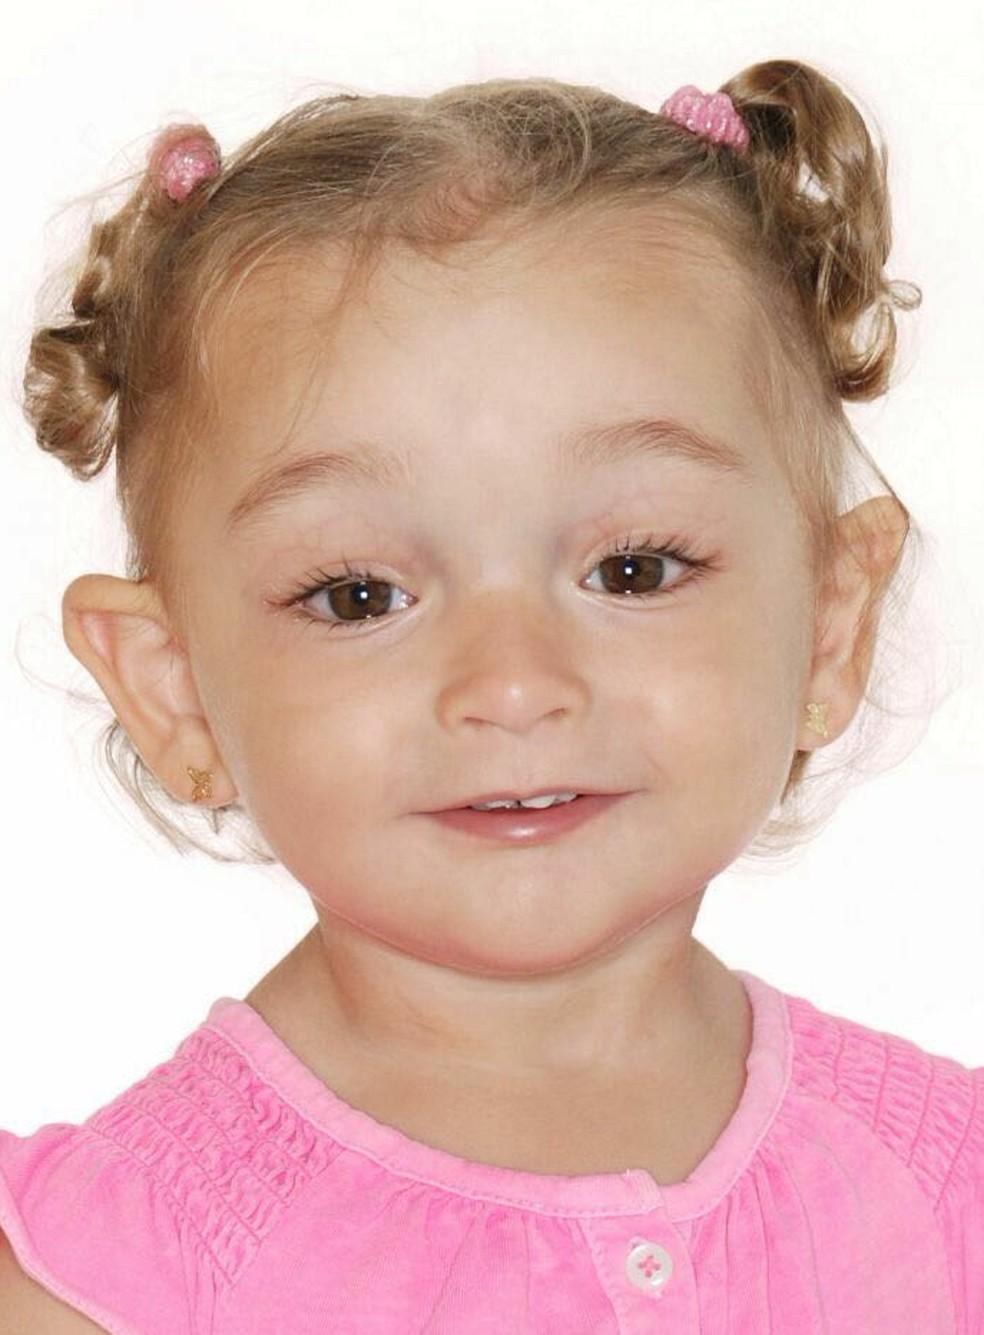 Diagnóstico da surdez demorou para ser feito em Elena (Foto: Arquivo Pessoal)